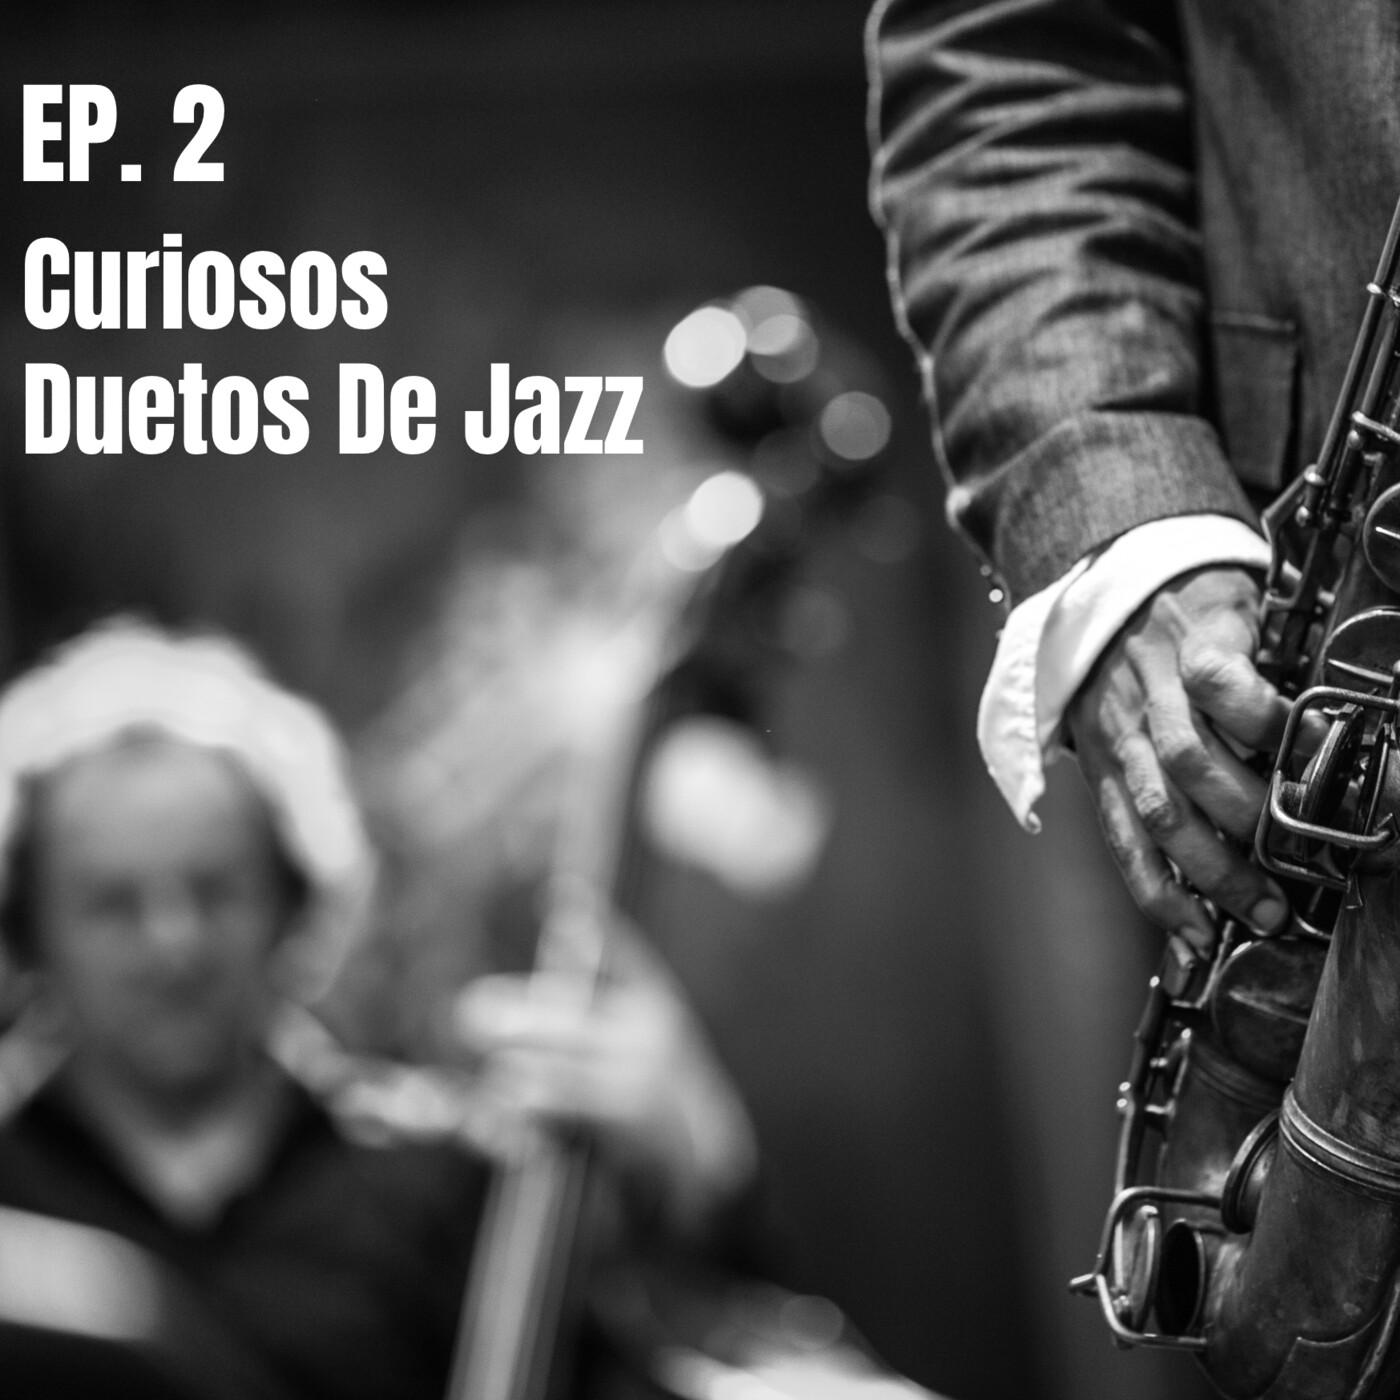 Ep.2 Curiosos Duetos de Jazz